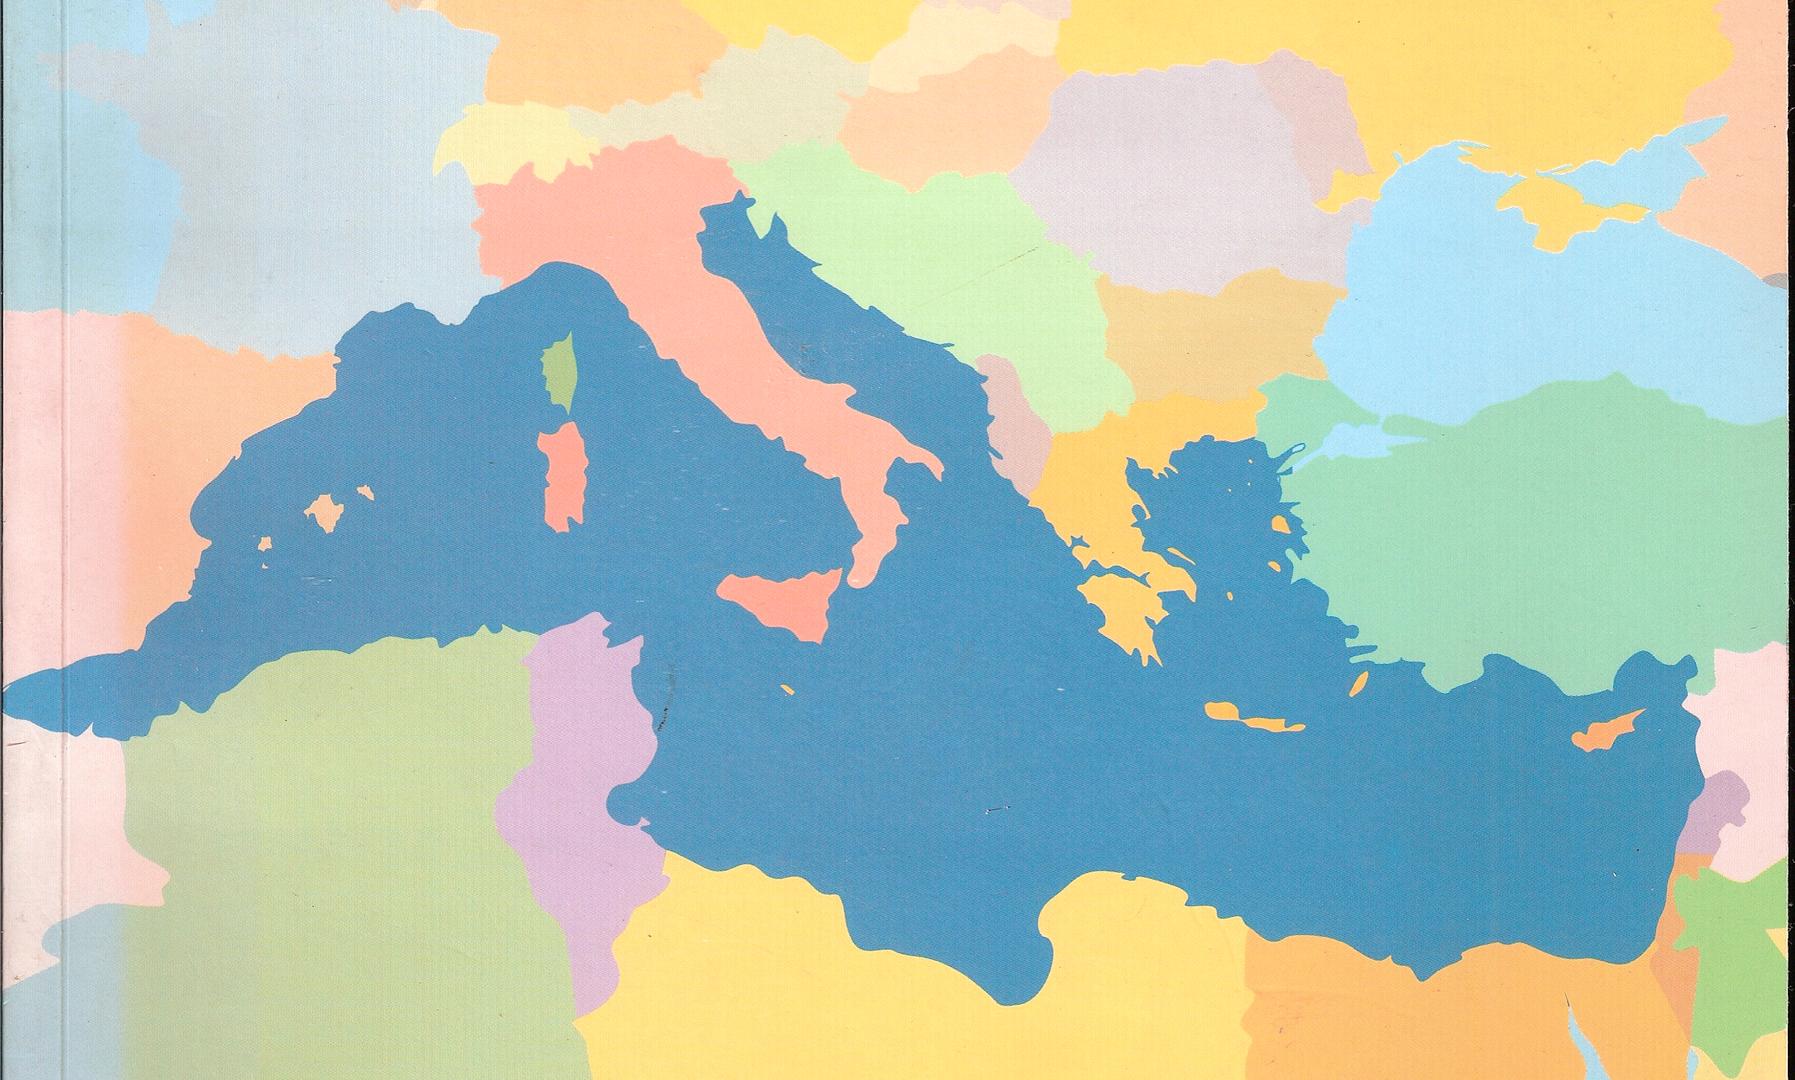 Programma Mediterraneo dell'UNESCO1.png